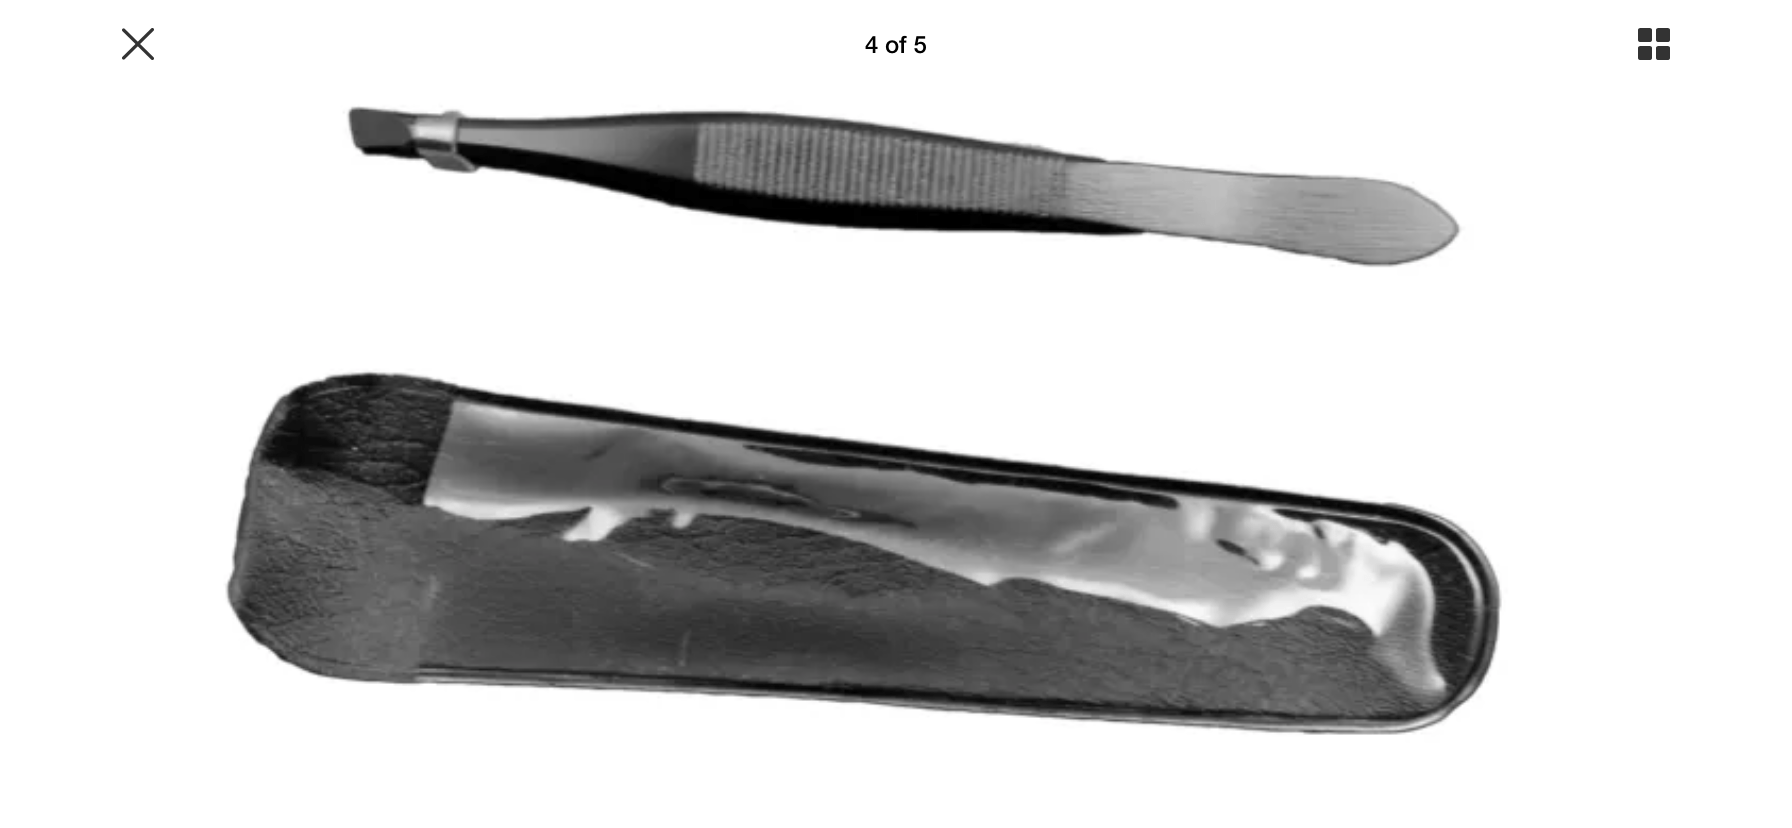 D48C5448-A1E8-48BA-B602-DCA53038927C